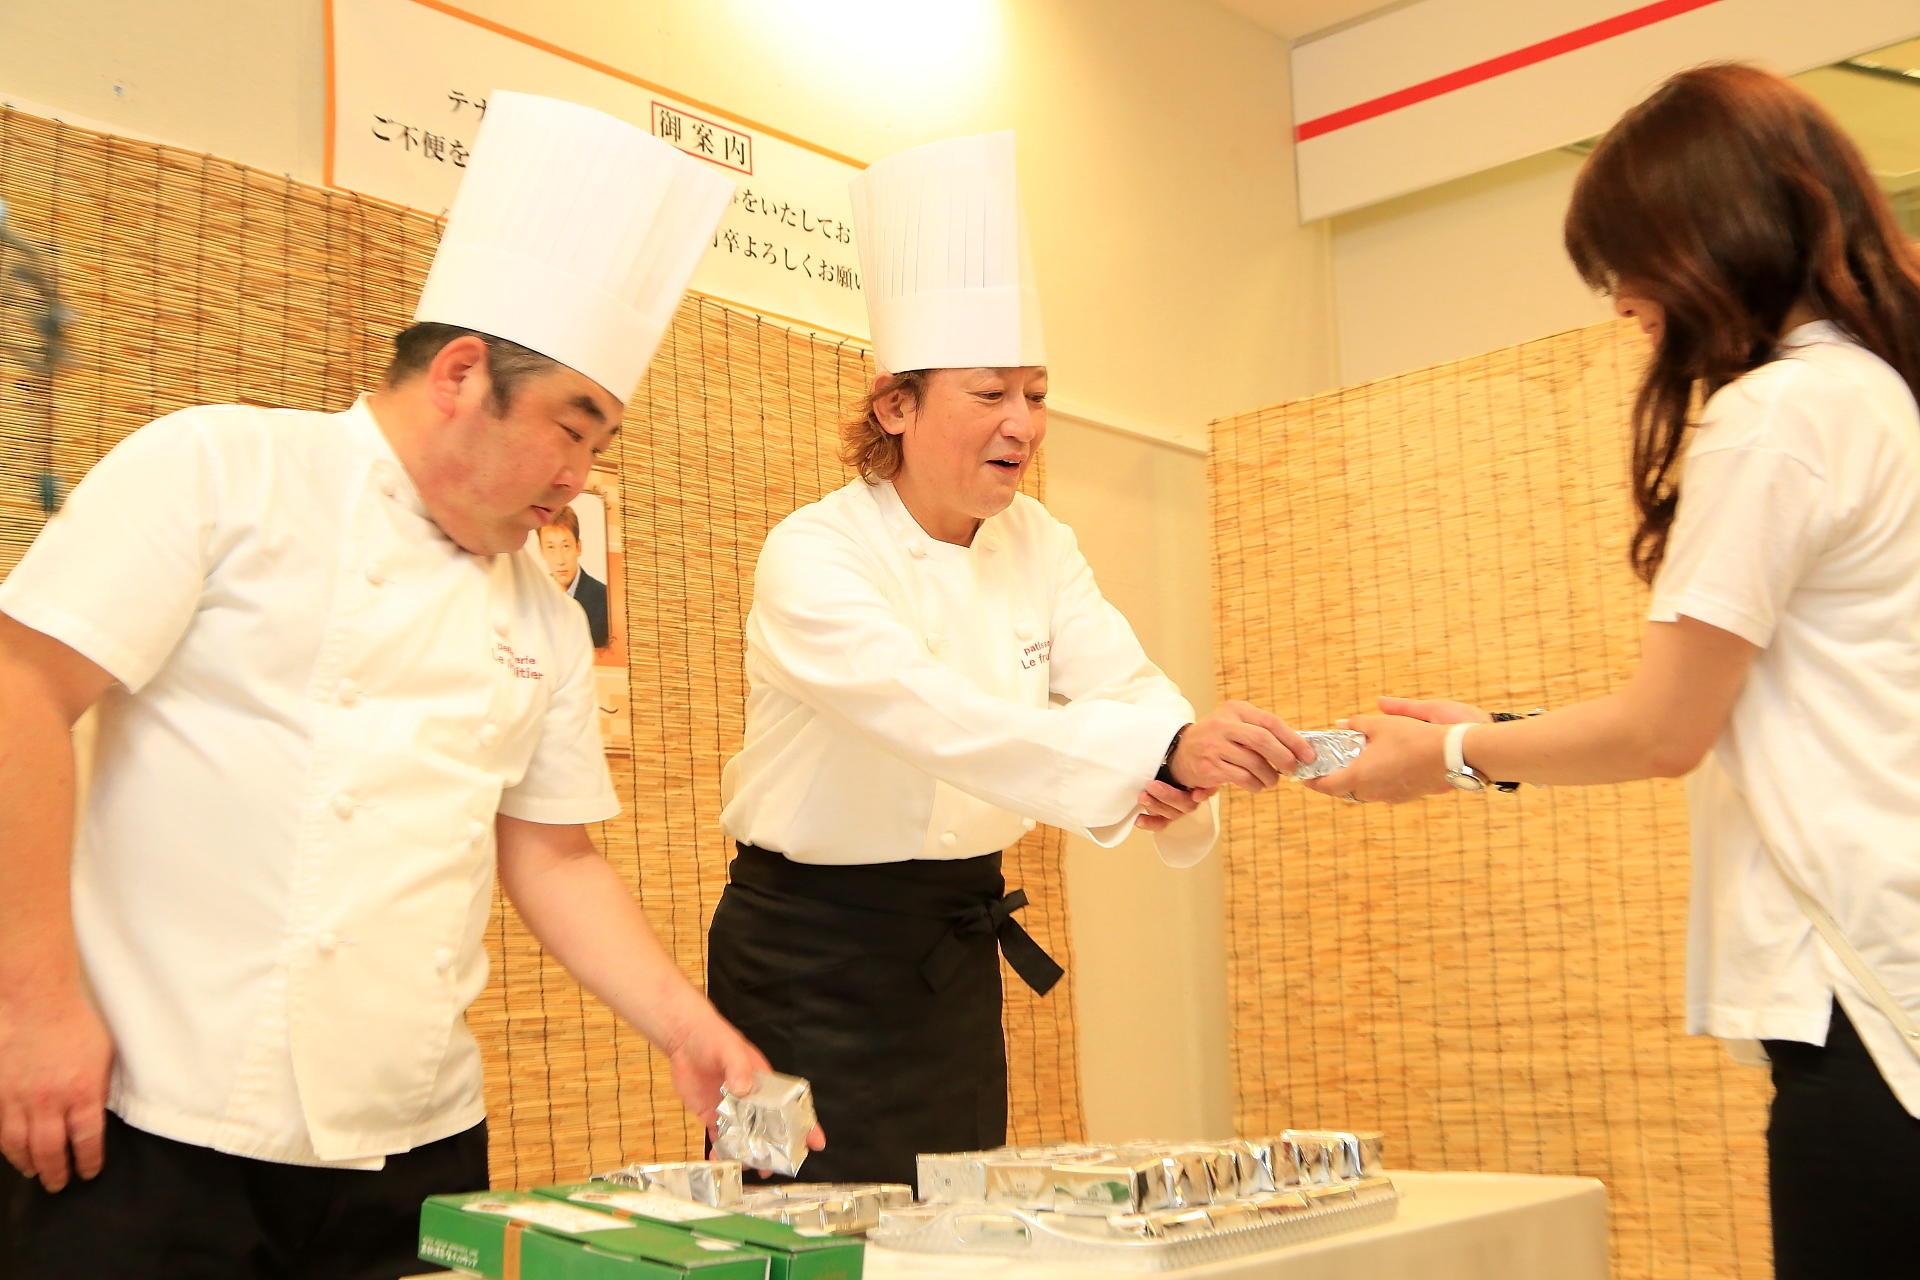 http://news.yoshimoto.co.jp/20170815163342-e8747ddec020304bdbcf65c0255935cb43d58802.jpg